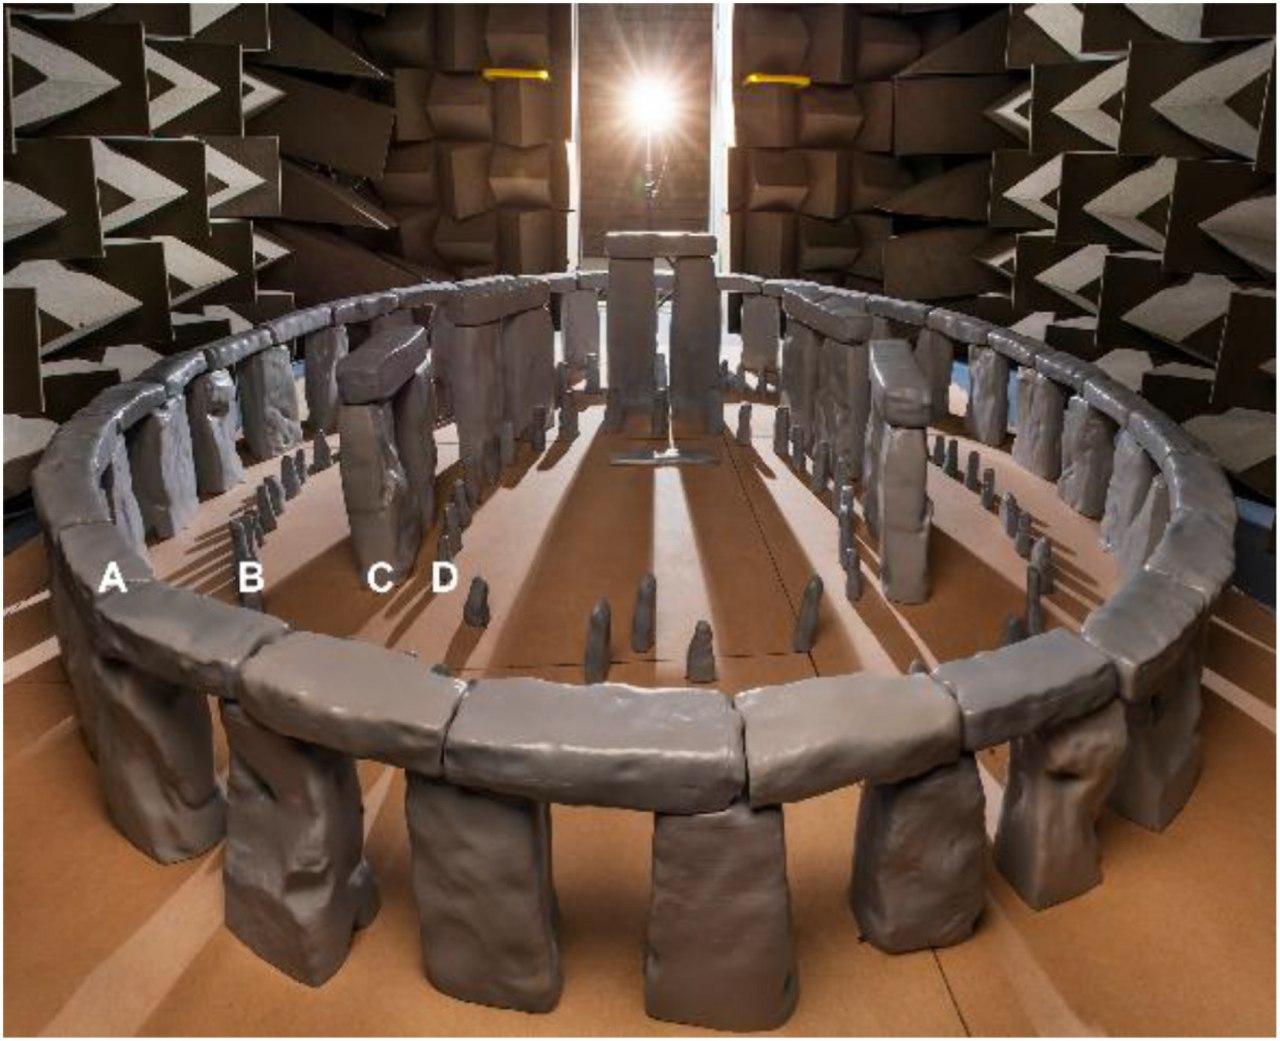 Учёные из Великобритании построили модель Стоунхенджа, чтобы проверить акустические свойства древнего памятника 1